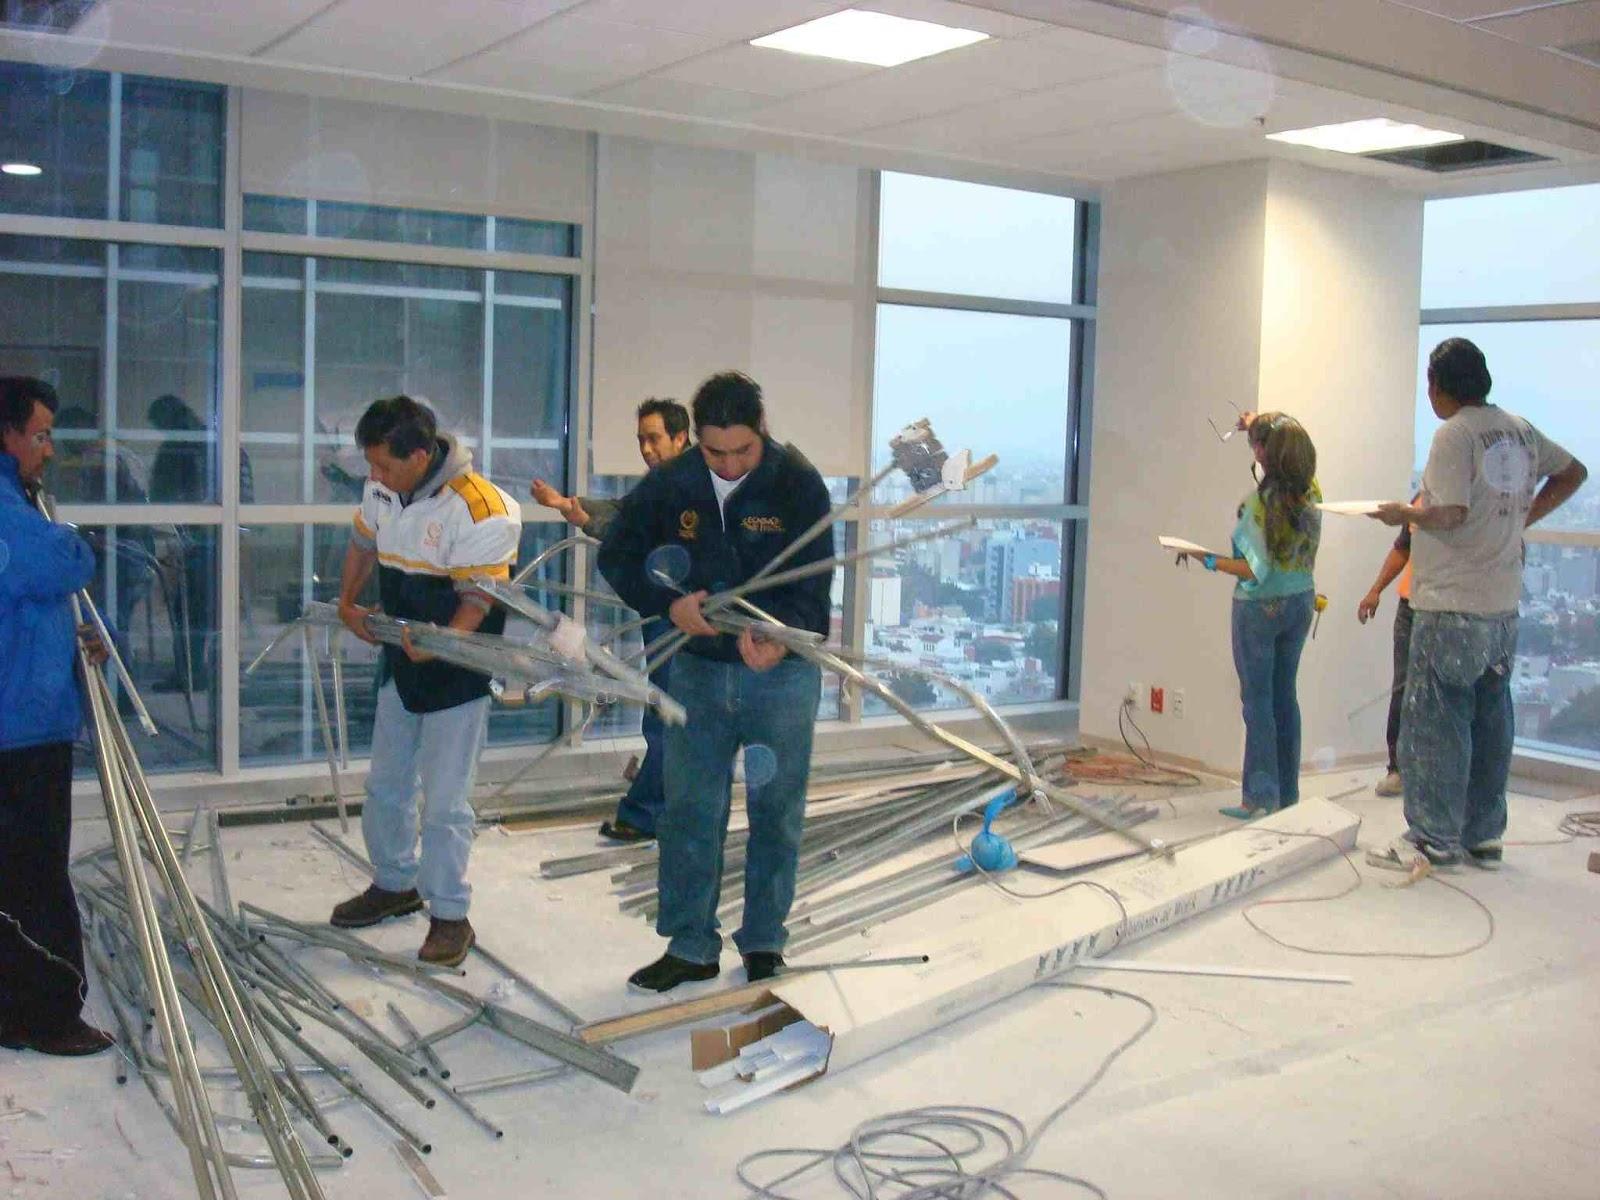 Grupo remodelaciones terminados y mantenimiento for Remodelacion de casas pequenas fotos